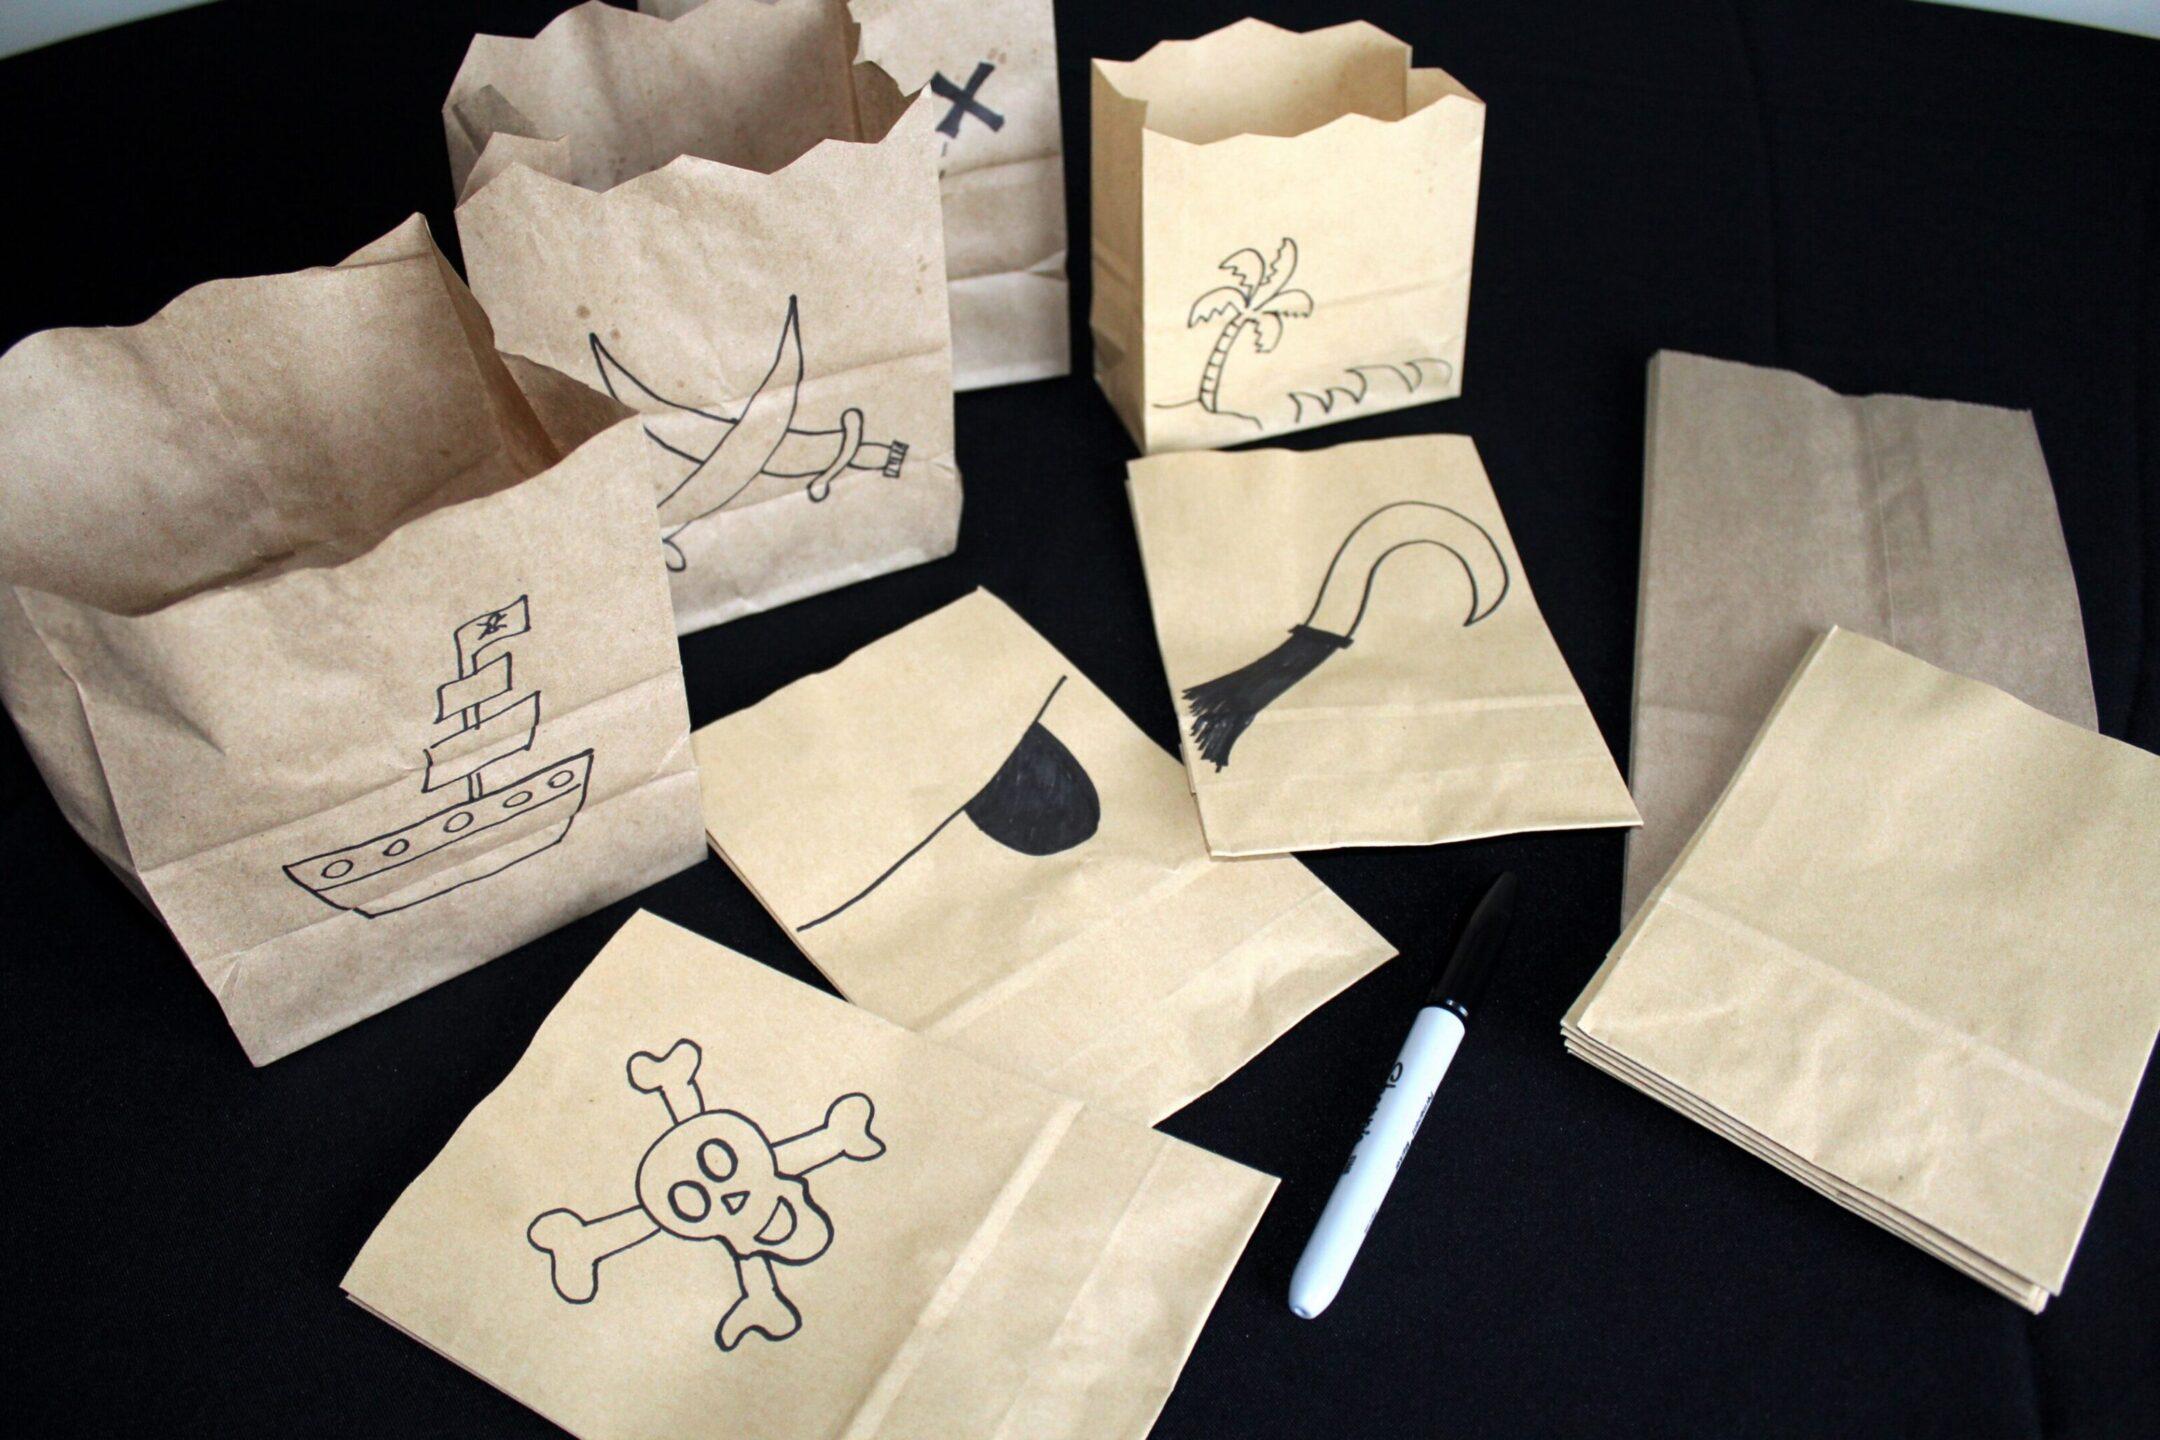 """Pour le bar à pop corn, à vos crayons! Tout ce que ça vous prend, ce sont des petits sacs bruns qu'on trouve au """"Dollorama"""" ou des paniers aux formes amusantes! Oui, mais, c'est qu'elle est talentueuse cette Lili! Comment on s'en tire, nous, pour faire tous ces jolis dessins? Moi, je vote pour le bandeau ultra facile ou même, le crochet..."""